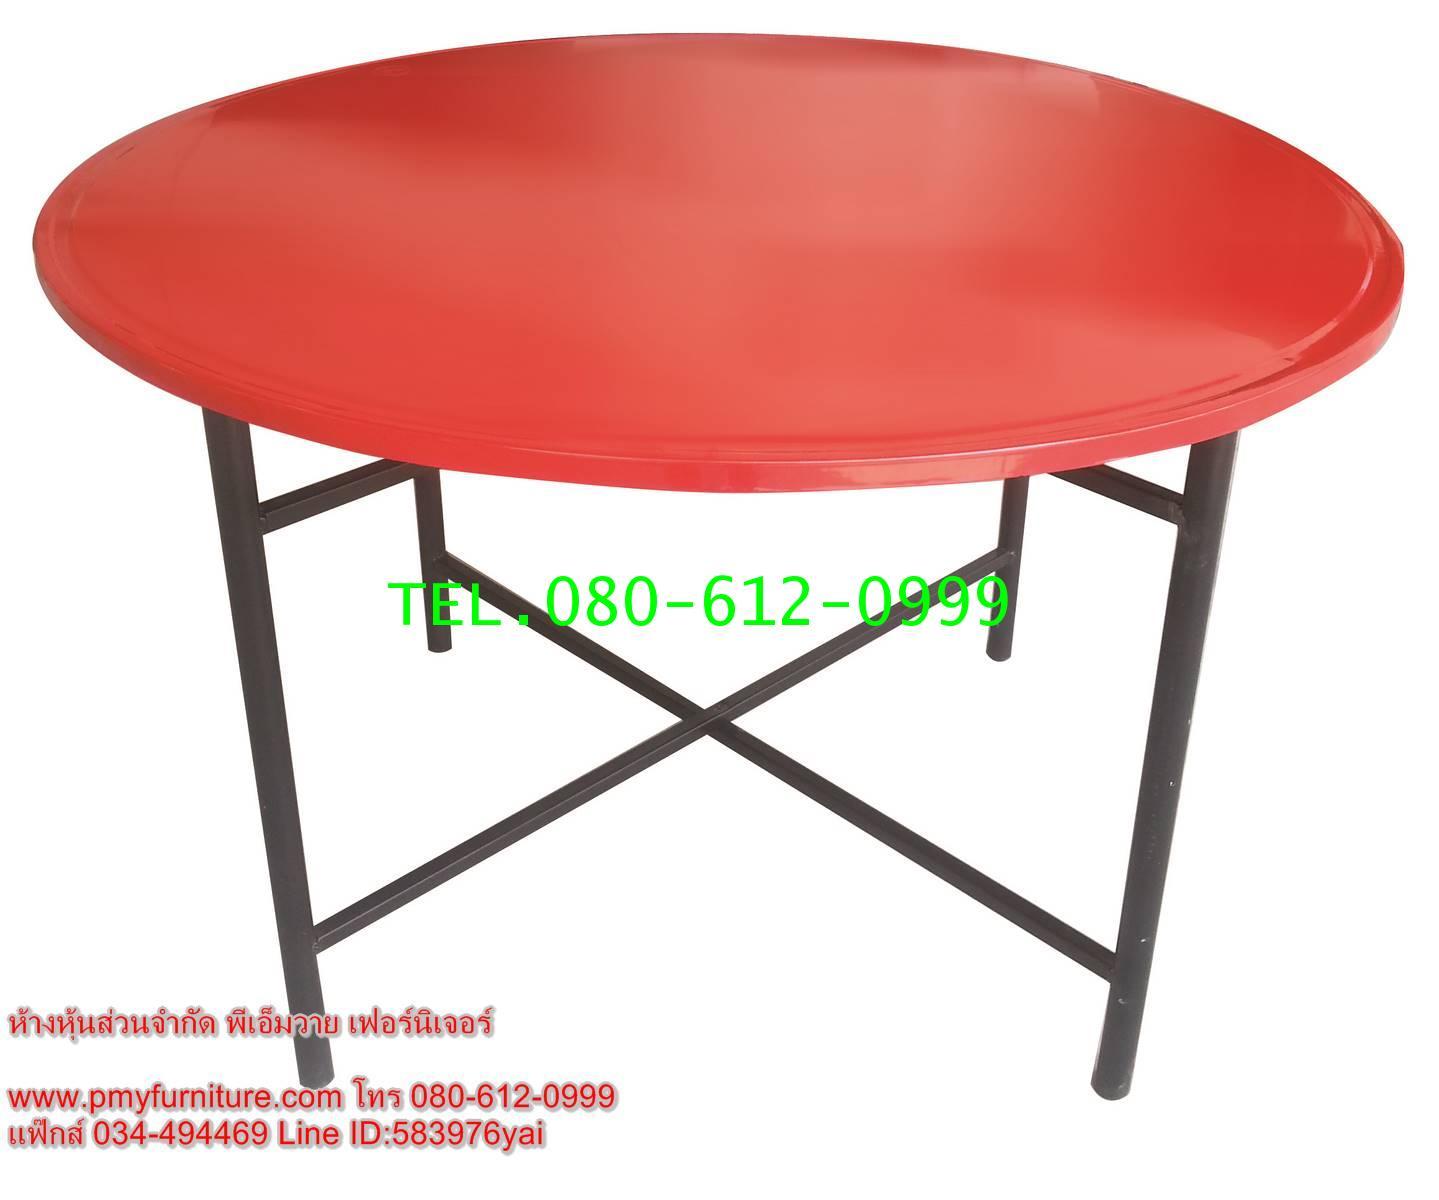 pmy31-2 โต๊ะพับหน้าเหล็กกลม ขนาด 120x75 ซม.